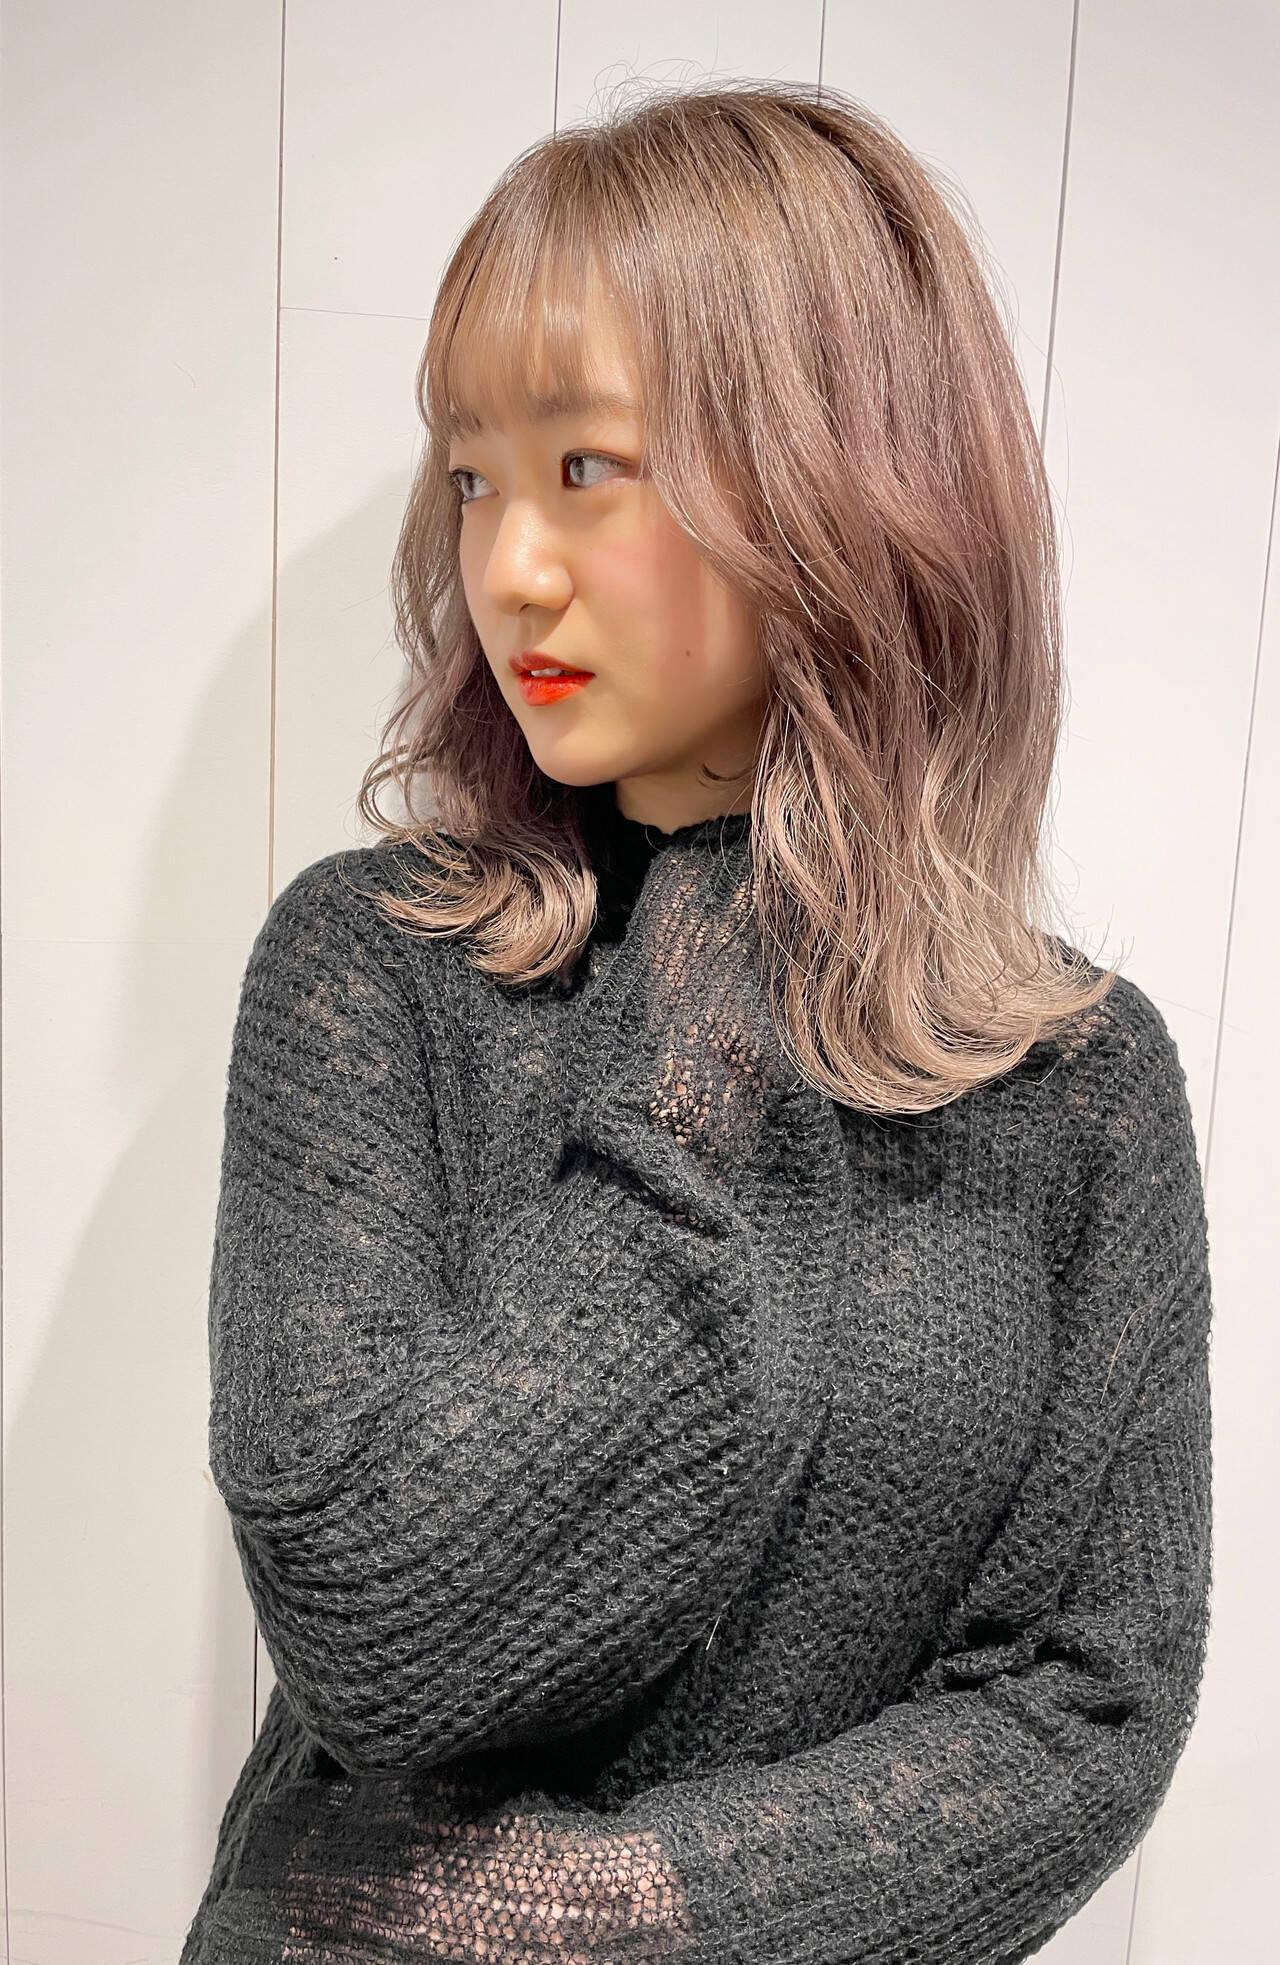 シアーベージュ ミディアム ベージュ ナチュラルベージュヘアスタイルや髪型の写真・画像